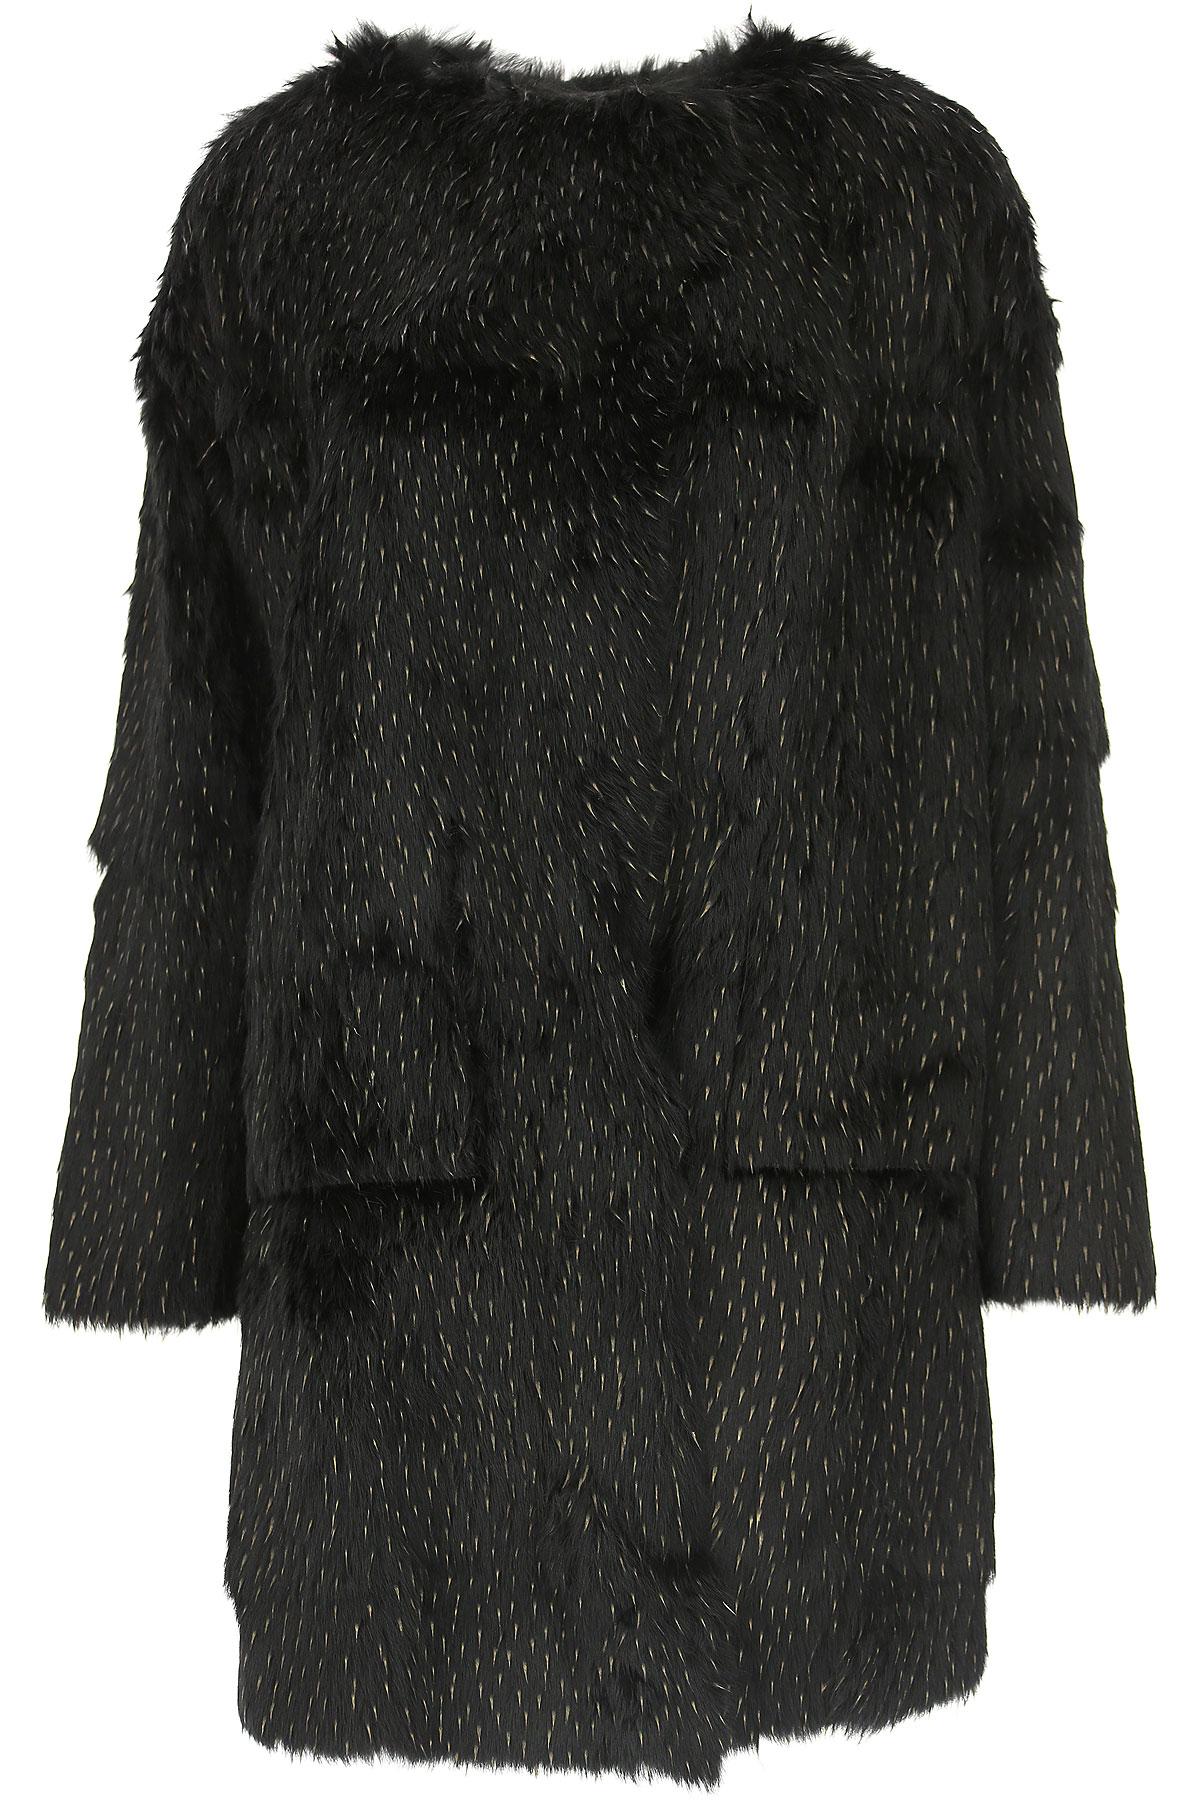 Image of WLG by Giorgio Brato Women\'s Coat, Black, Fur, 2017, 10 4 6 8